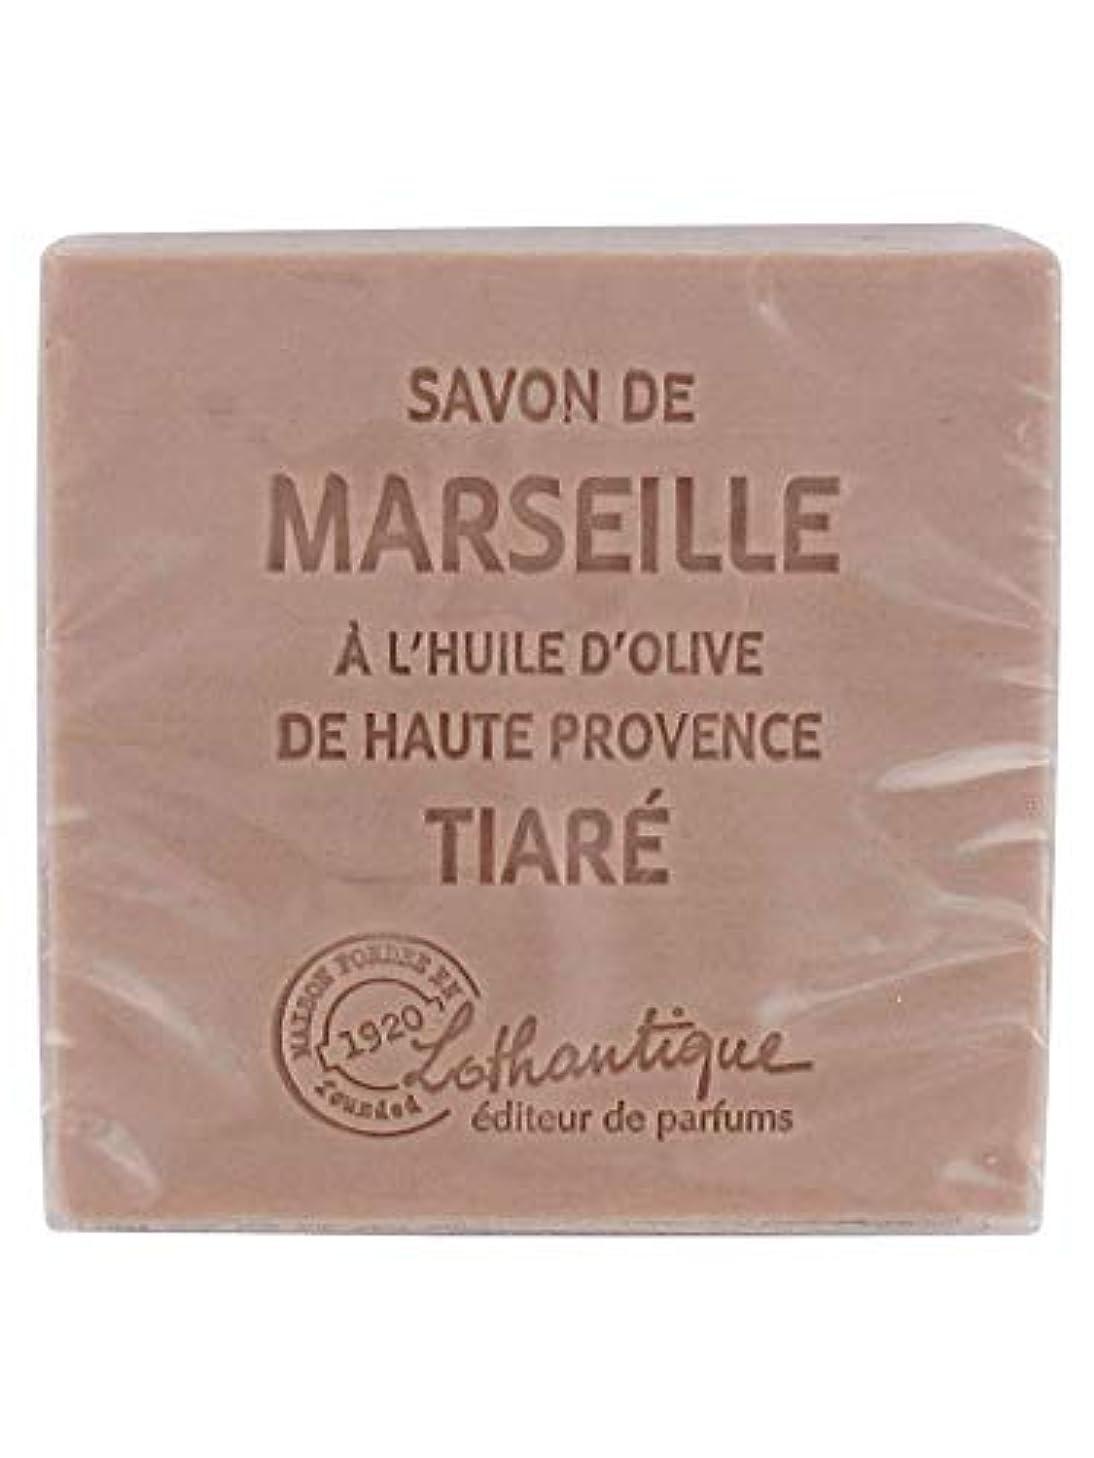 液体慈悲深い破産Lothantique(ロタンティック) Les savons de Marseille(マルセイユソープ) マルセイユソープ 100g 「ティアラ」 3420070038098